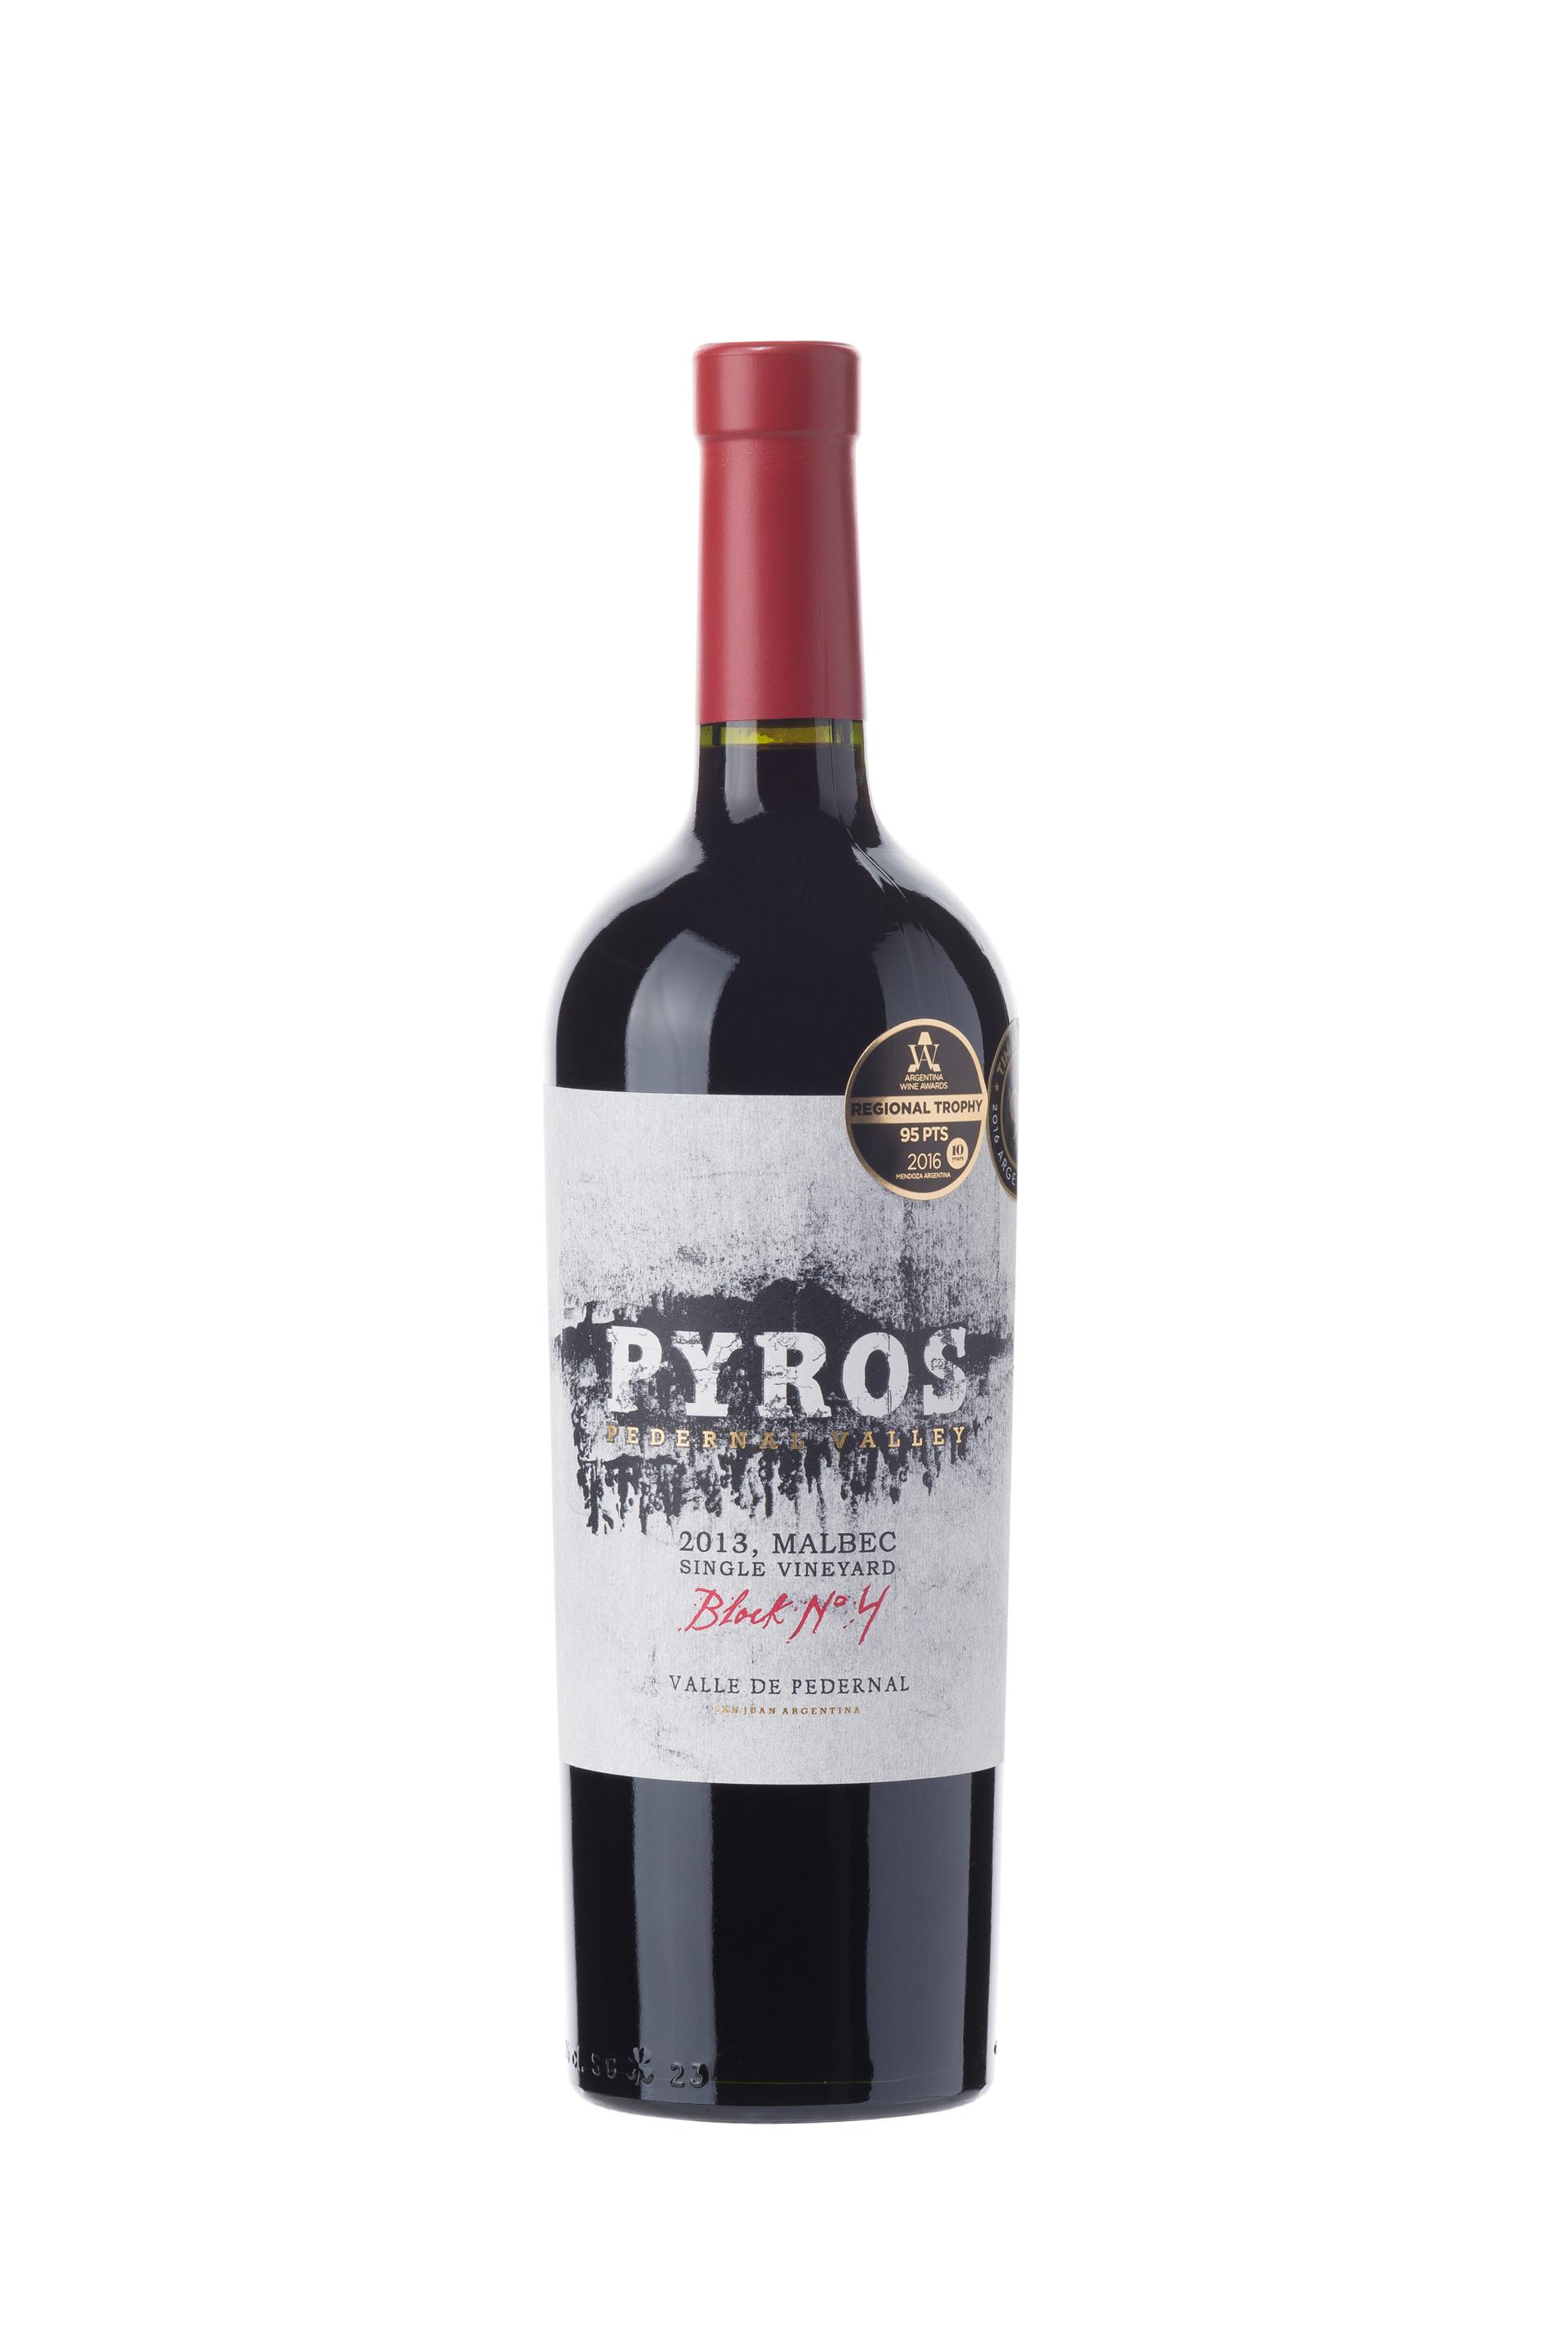 108250_Pyros_Block N4.jpg